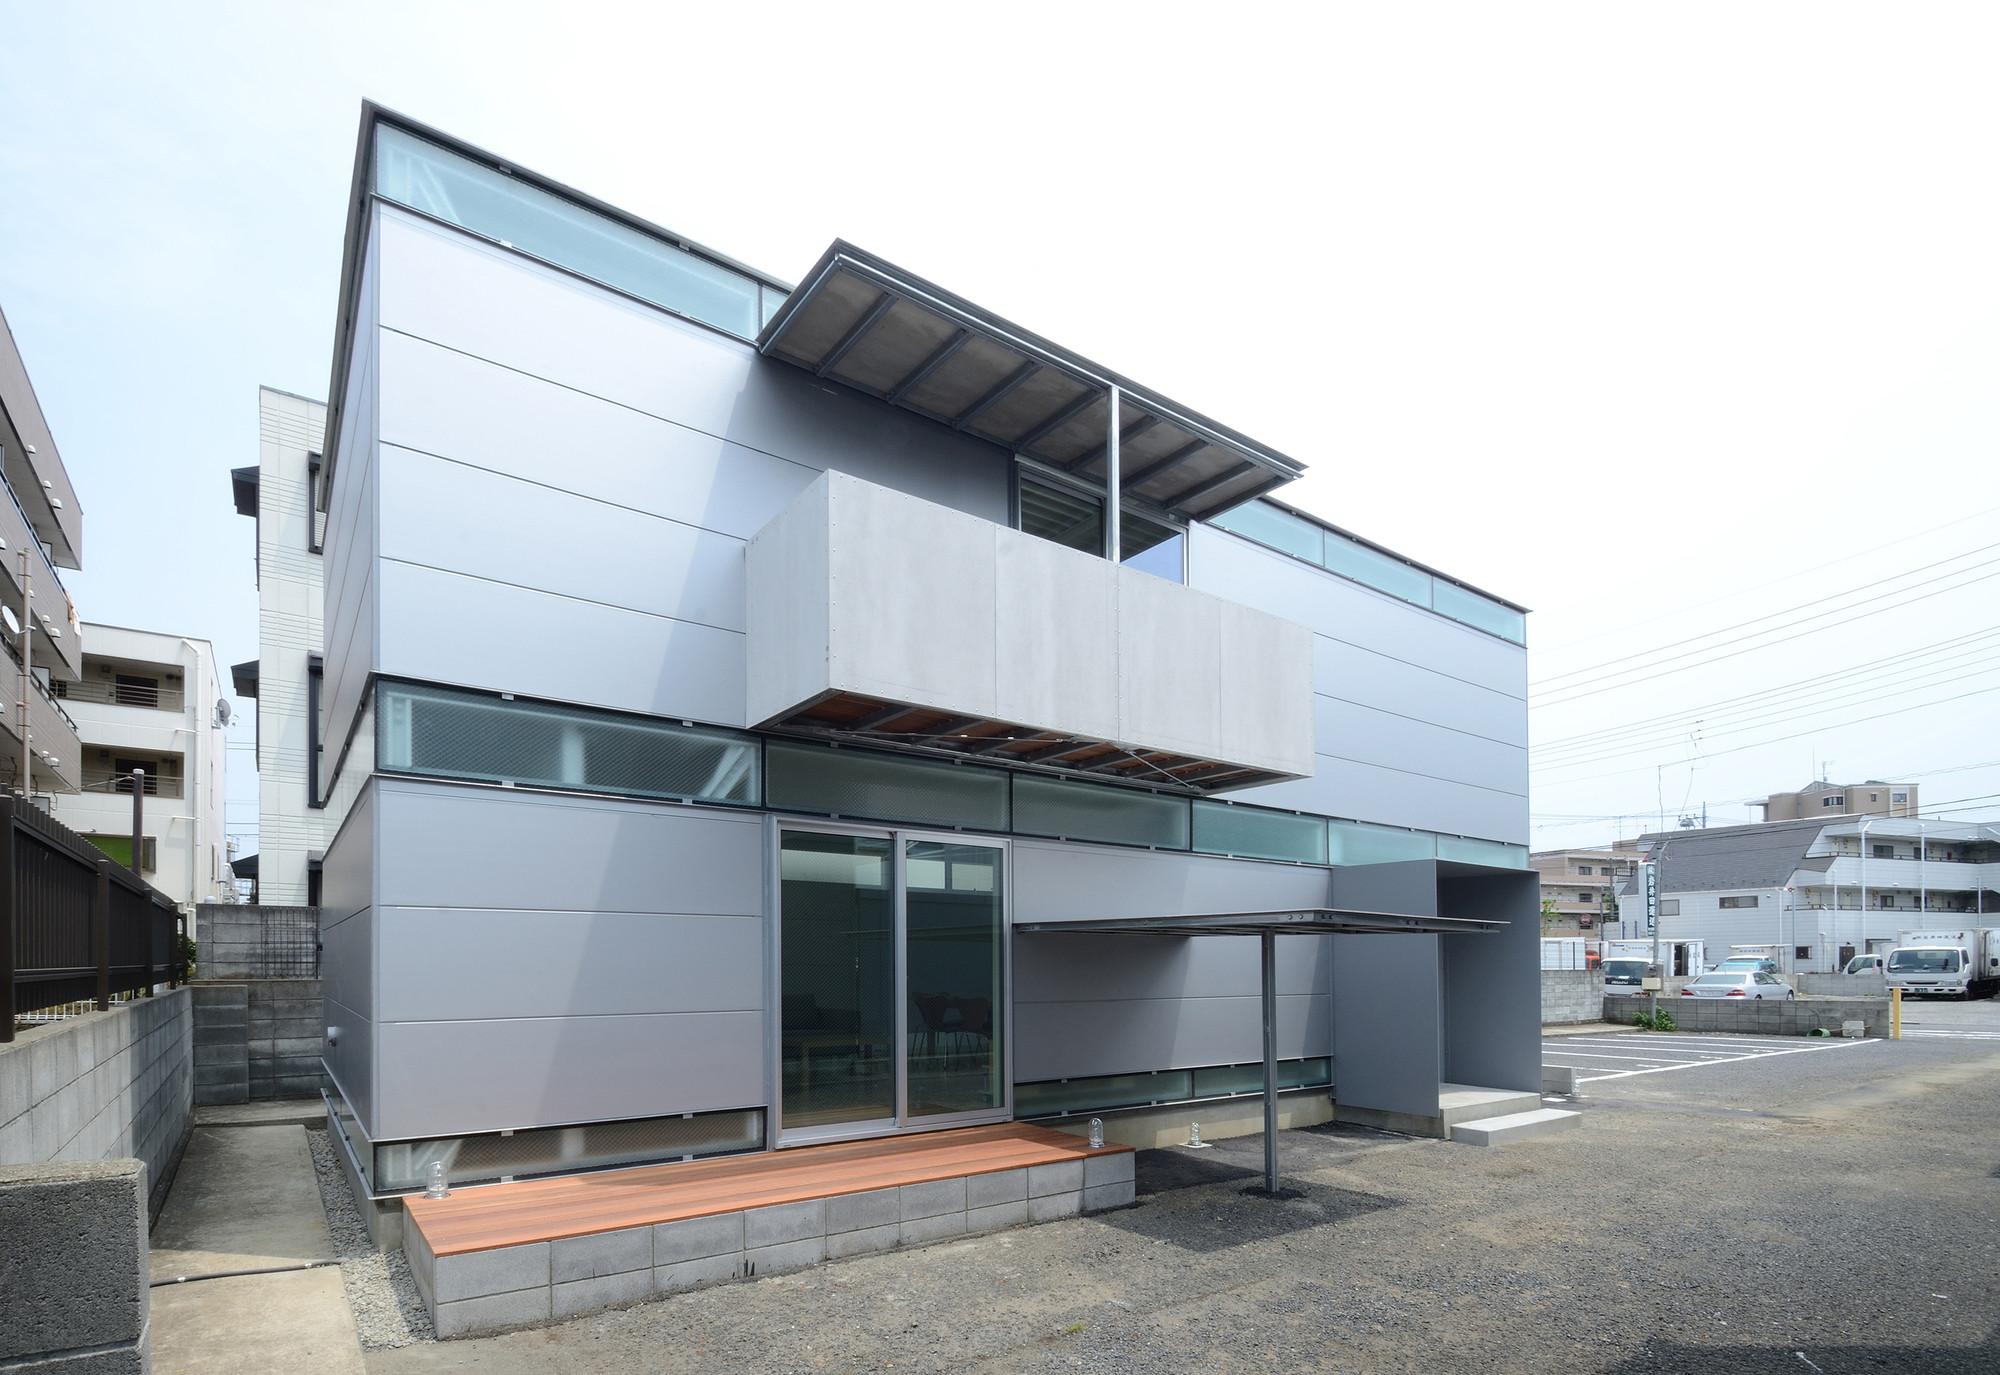 HOUSE #01 | Boundary House / Niji Architects, © Masafumi Harada